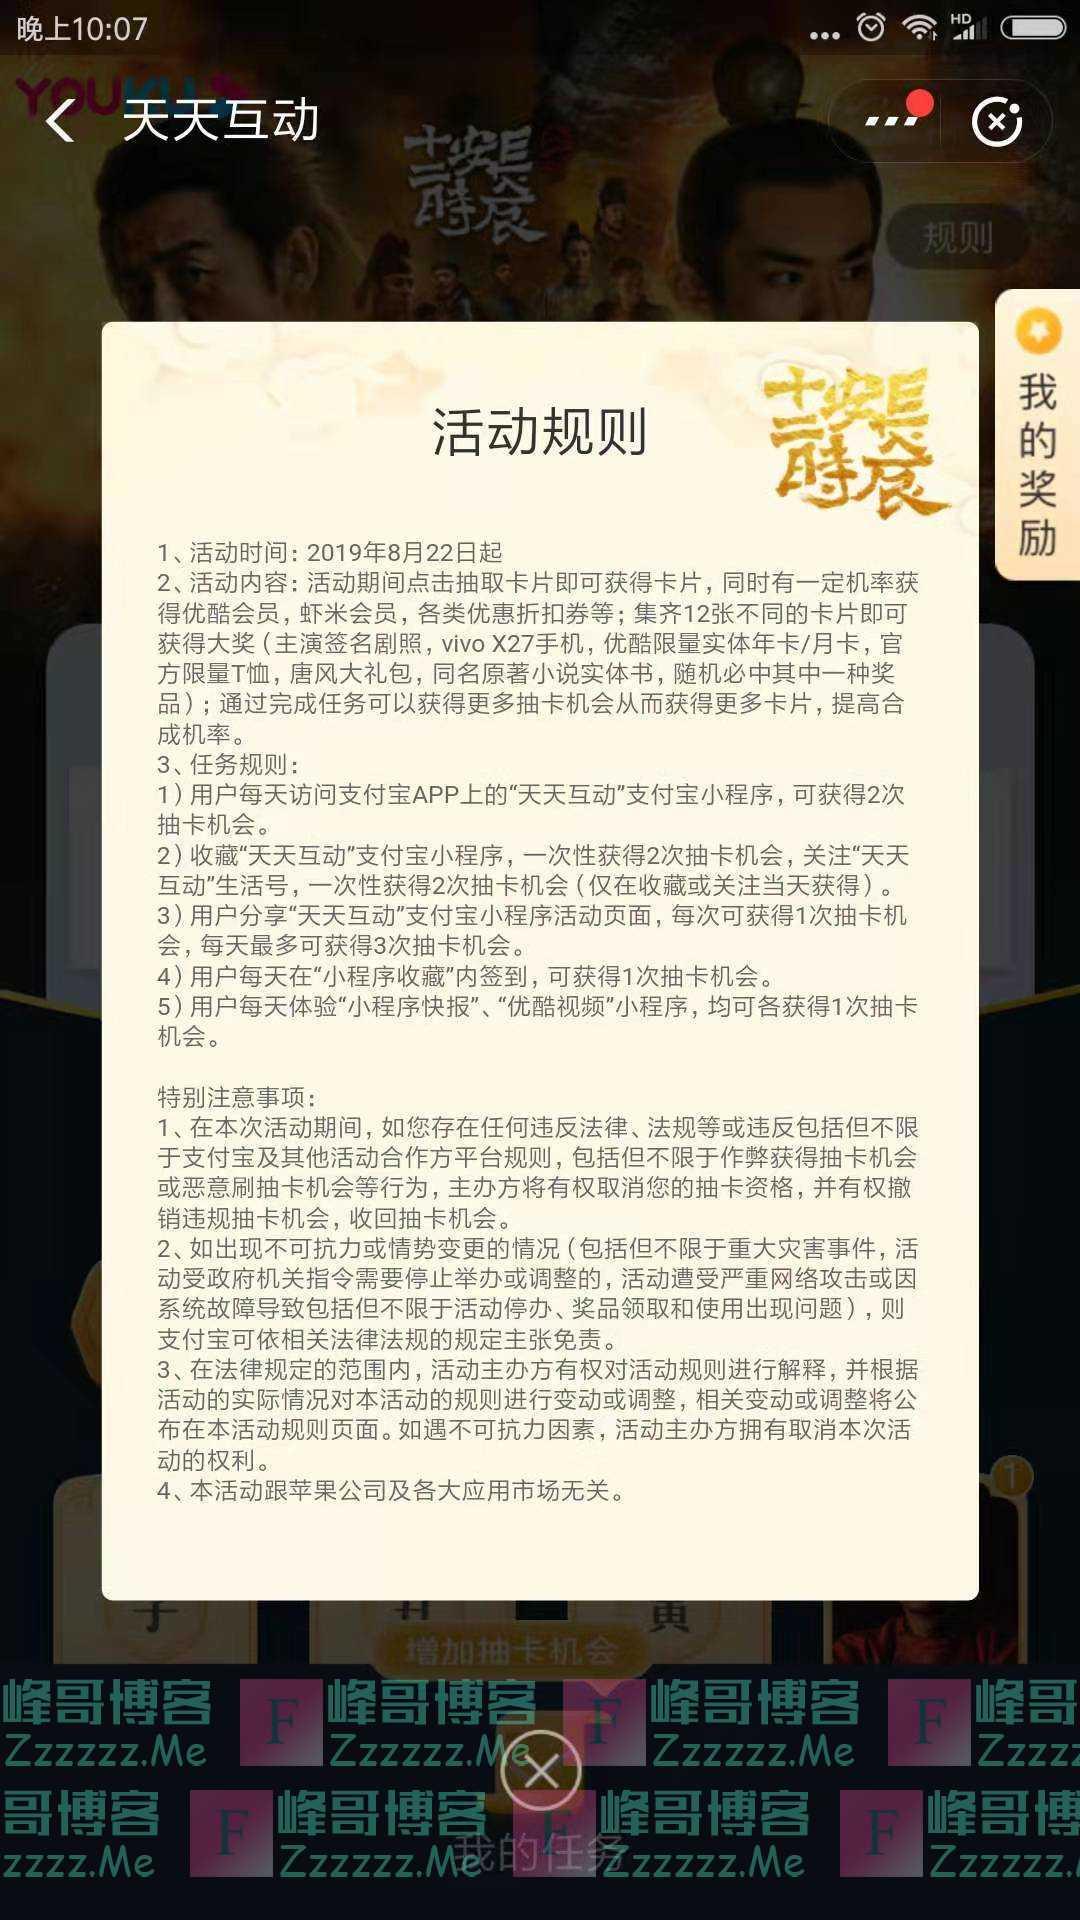 支付宝集明星卡赢锦鲤大奖(截止不详)